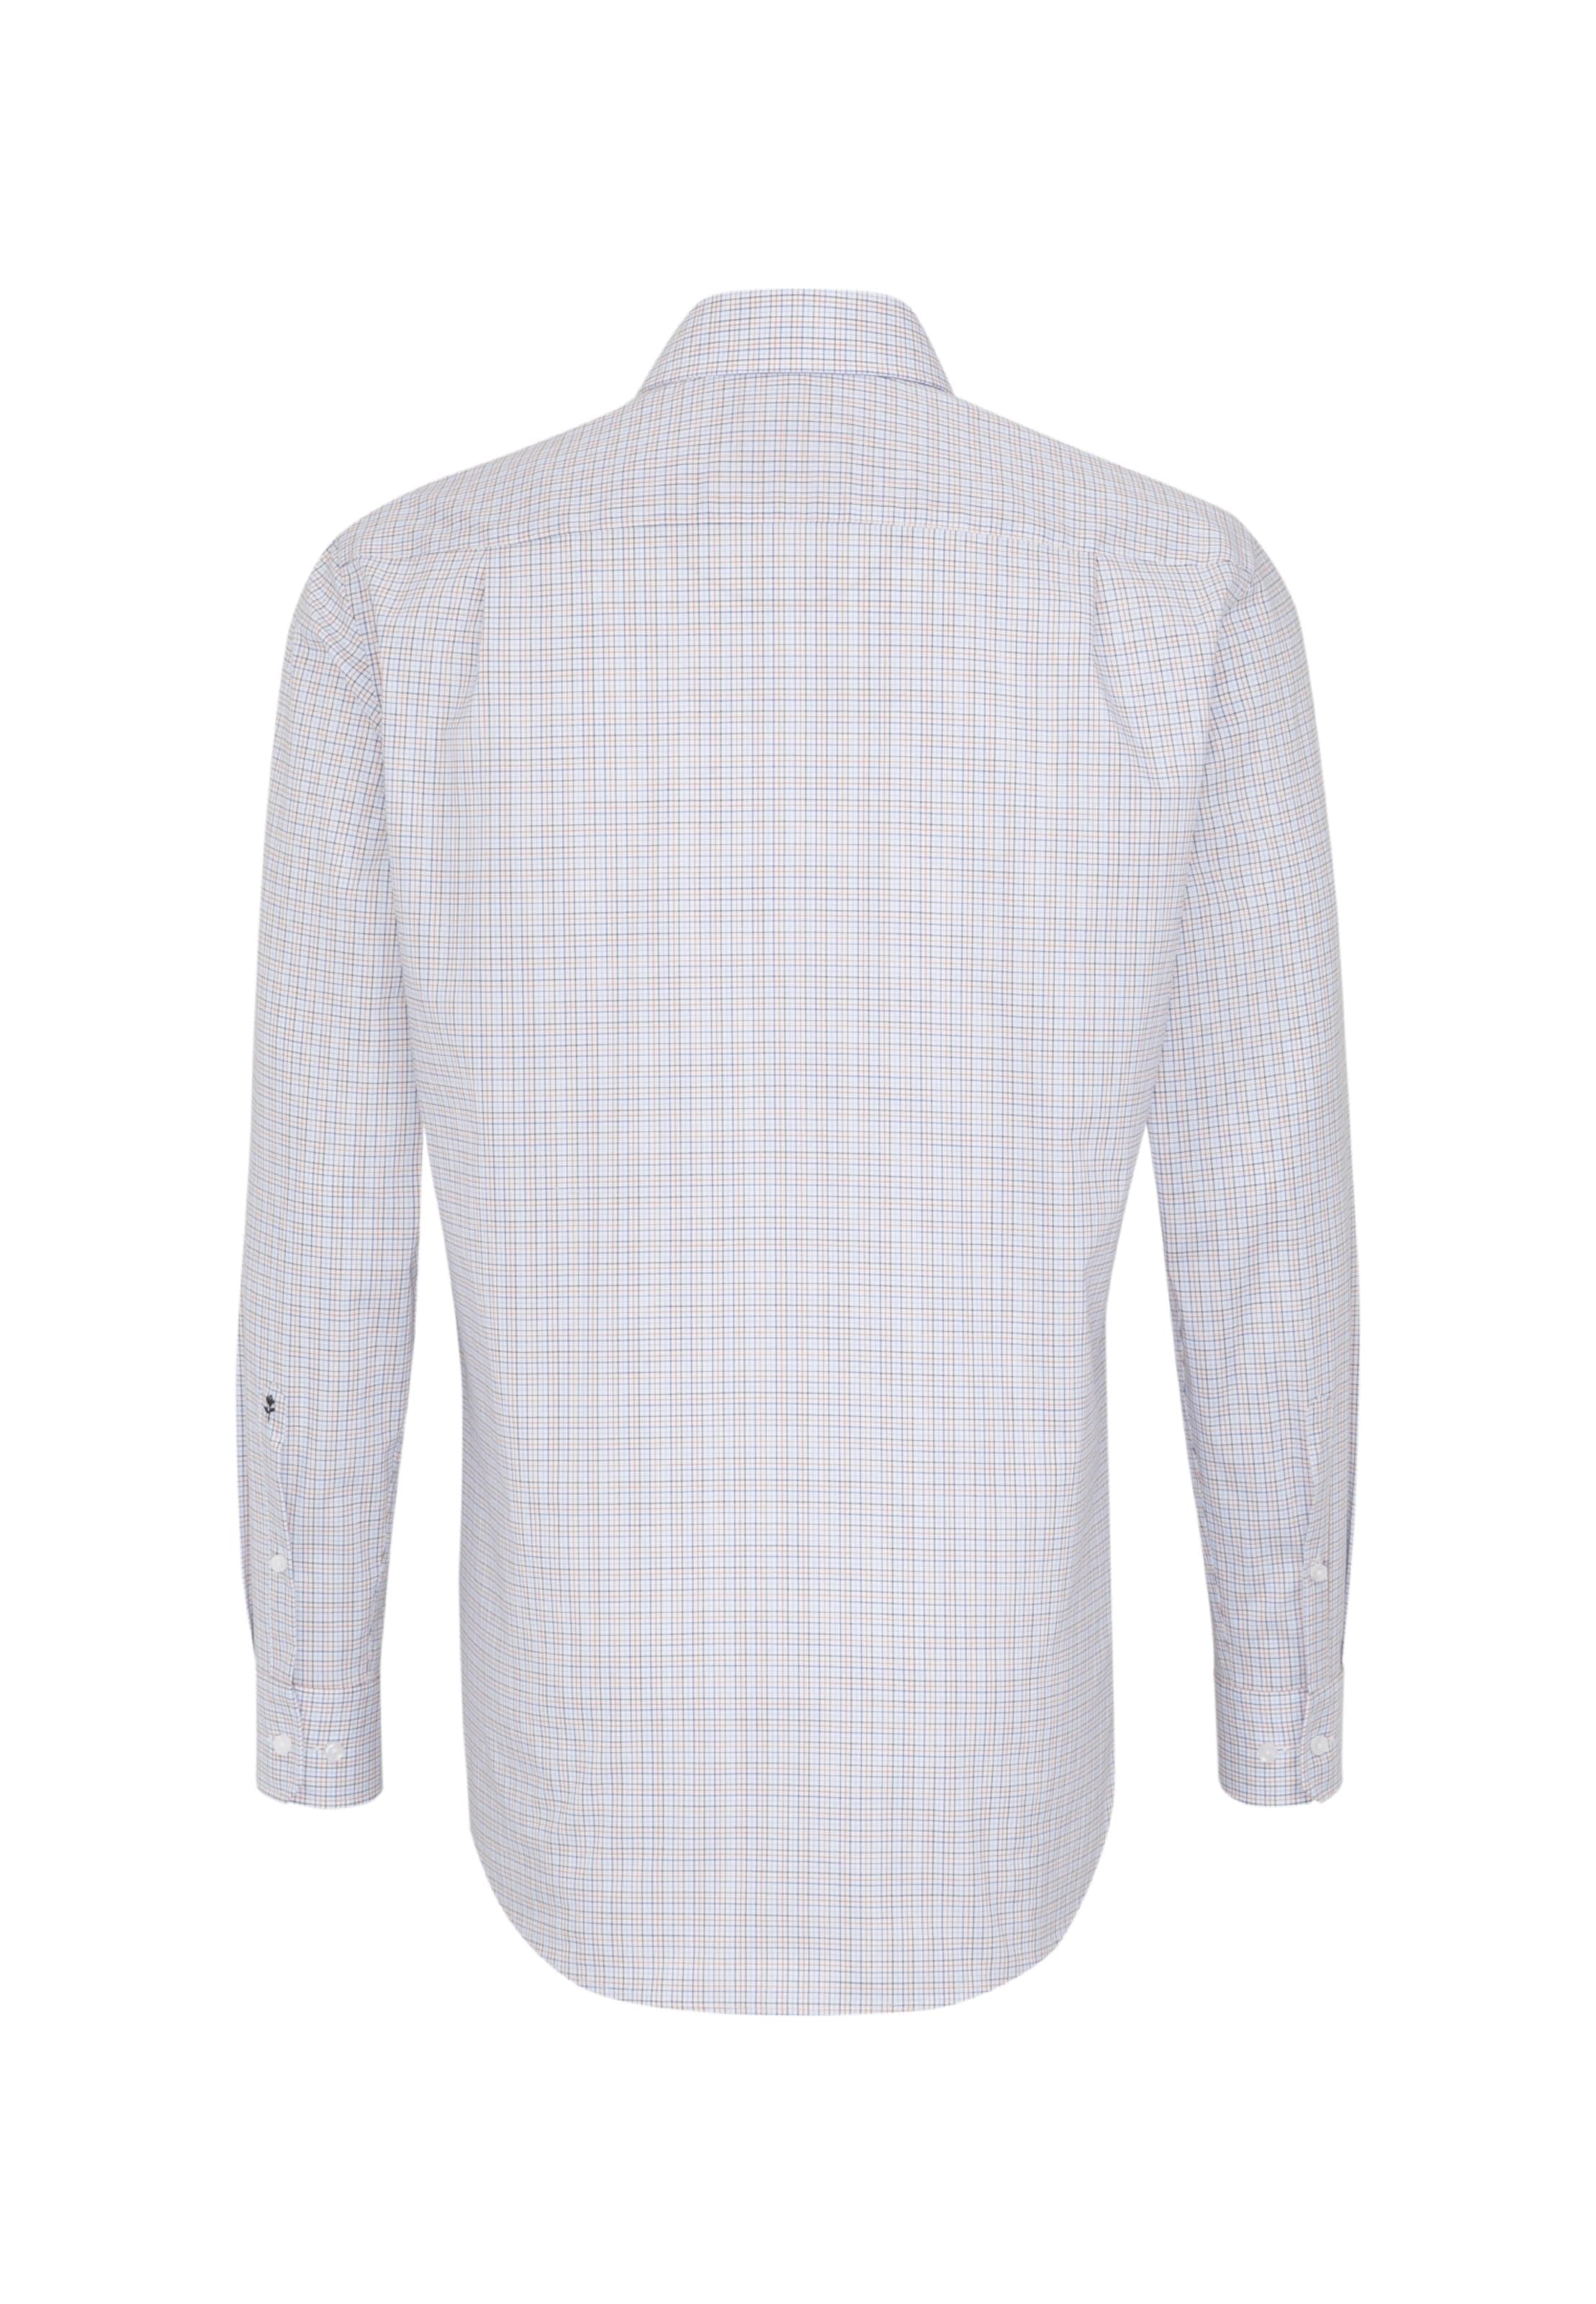 Hemd BlaumeliertOrange Weiß Seidensticker 'modern' In qUVSpMLzG